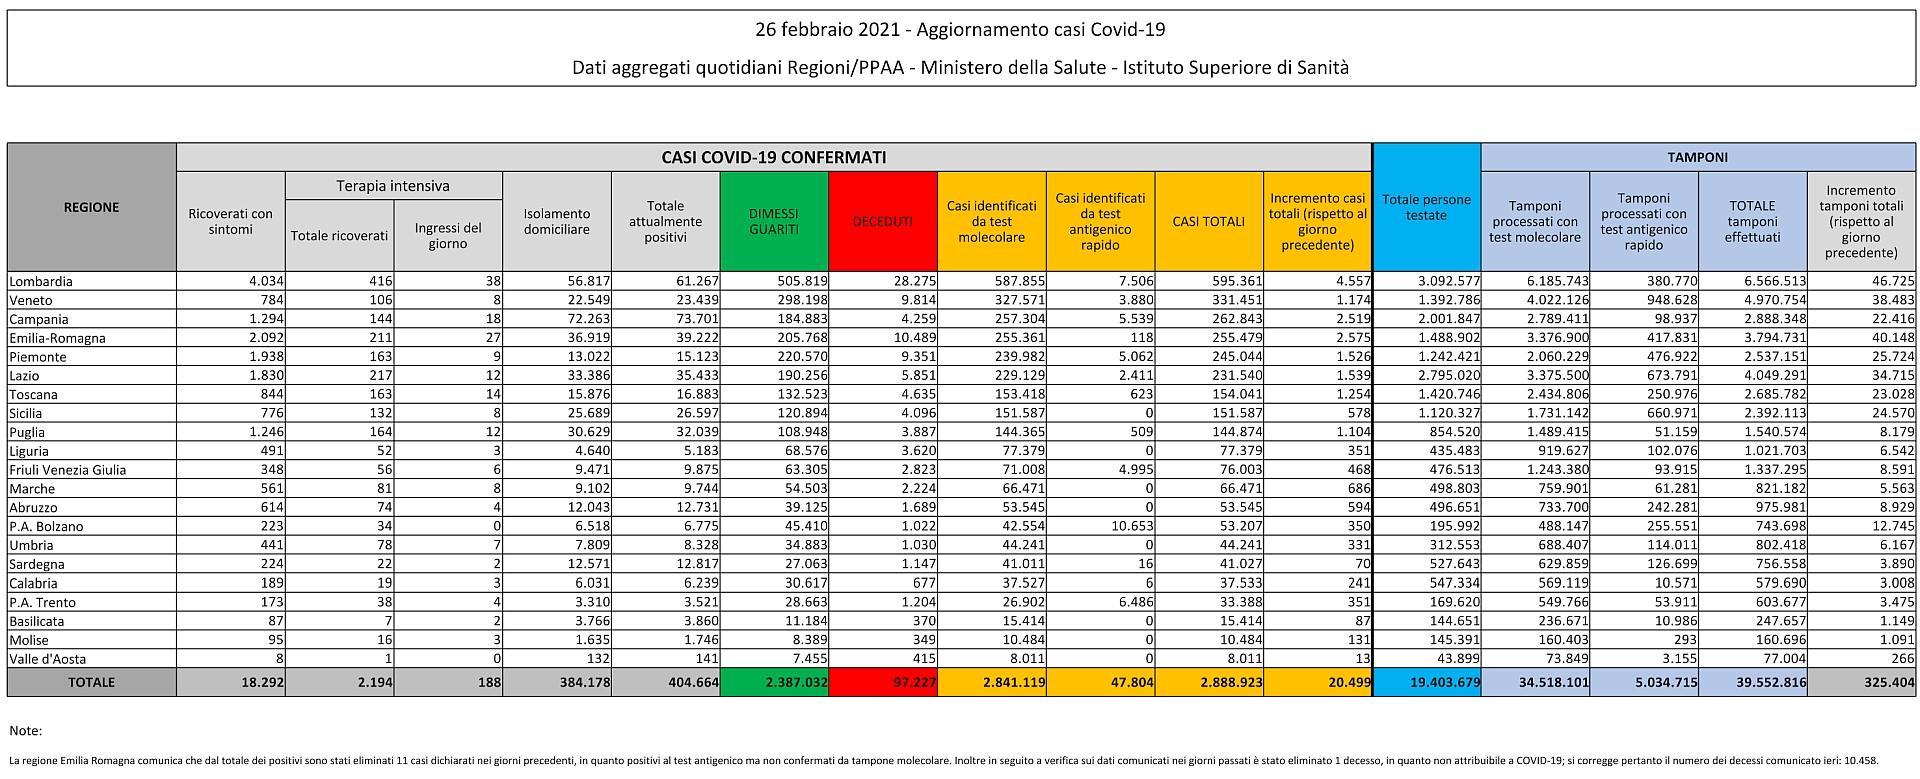 26 febbraio 2021 - Aggiornamento casi Covid-19 Dati aggregati quotidiani Regioni/PPAA - Ministero della Salute - Istituto Superiore di Sanità